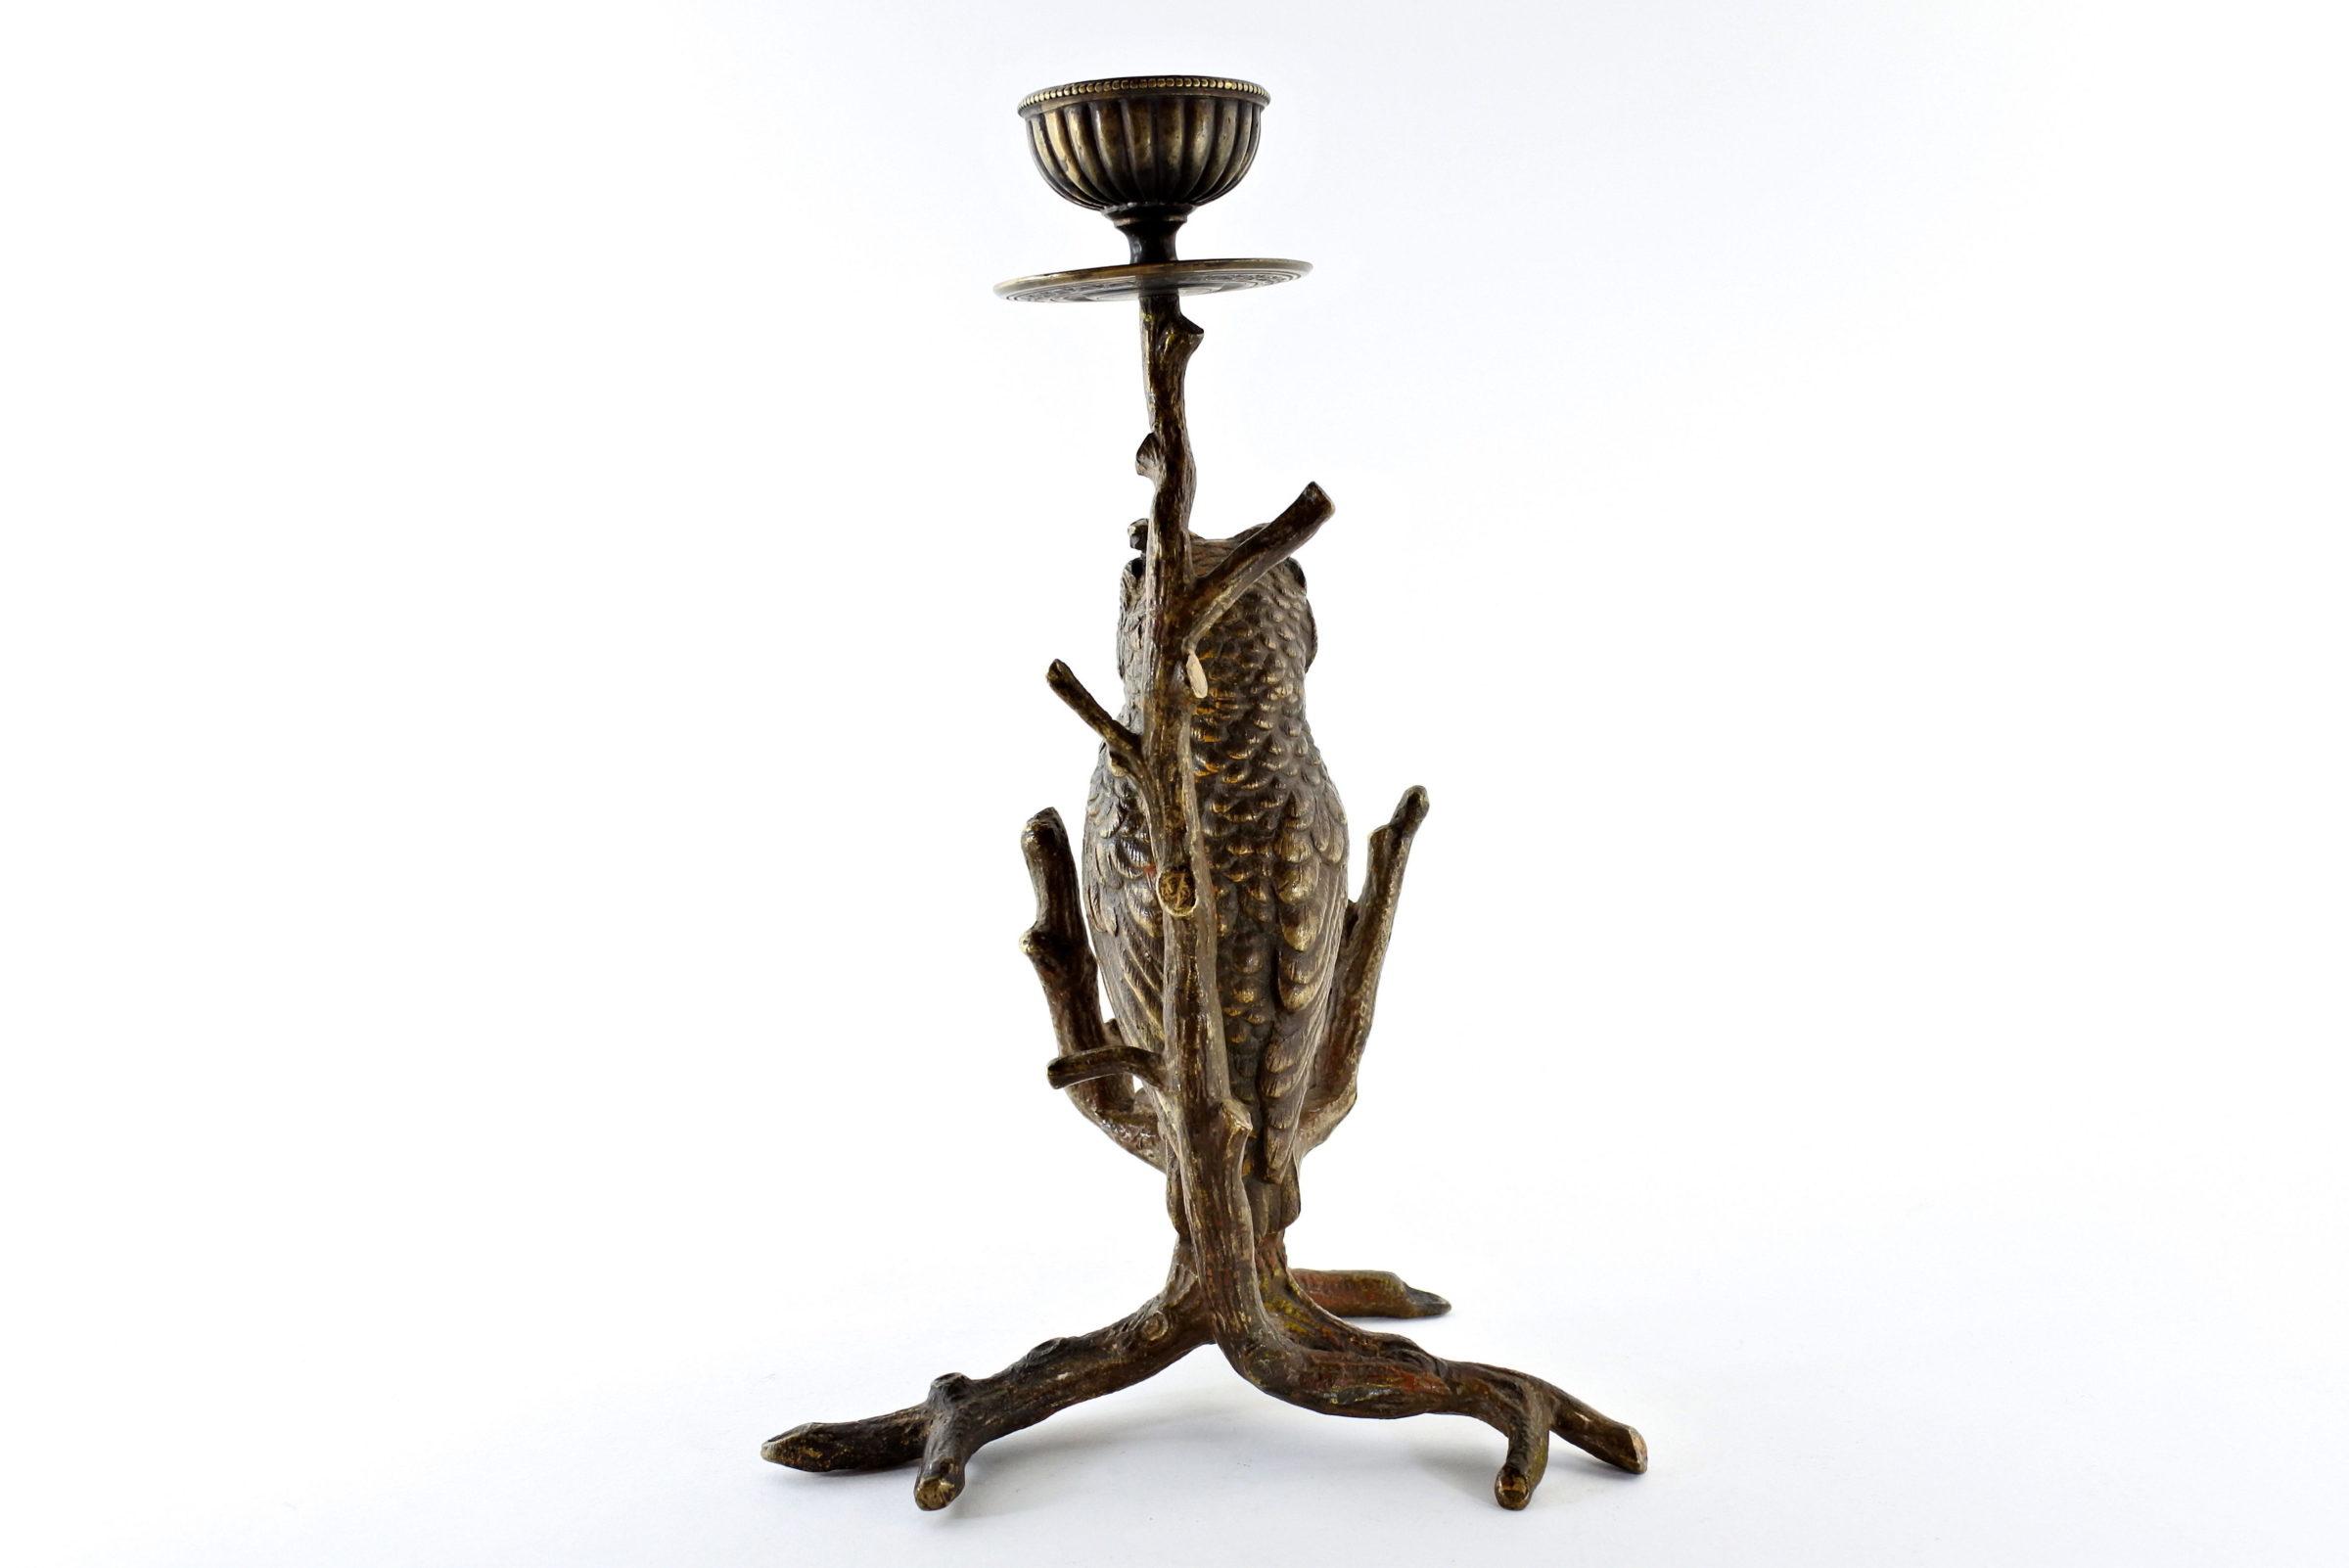 Civetta in bronzo di Vienna con funzione di candeliere - 3